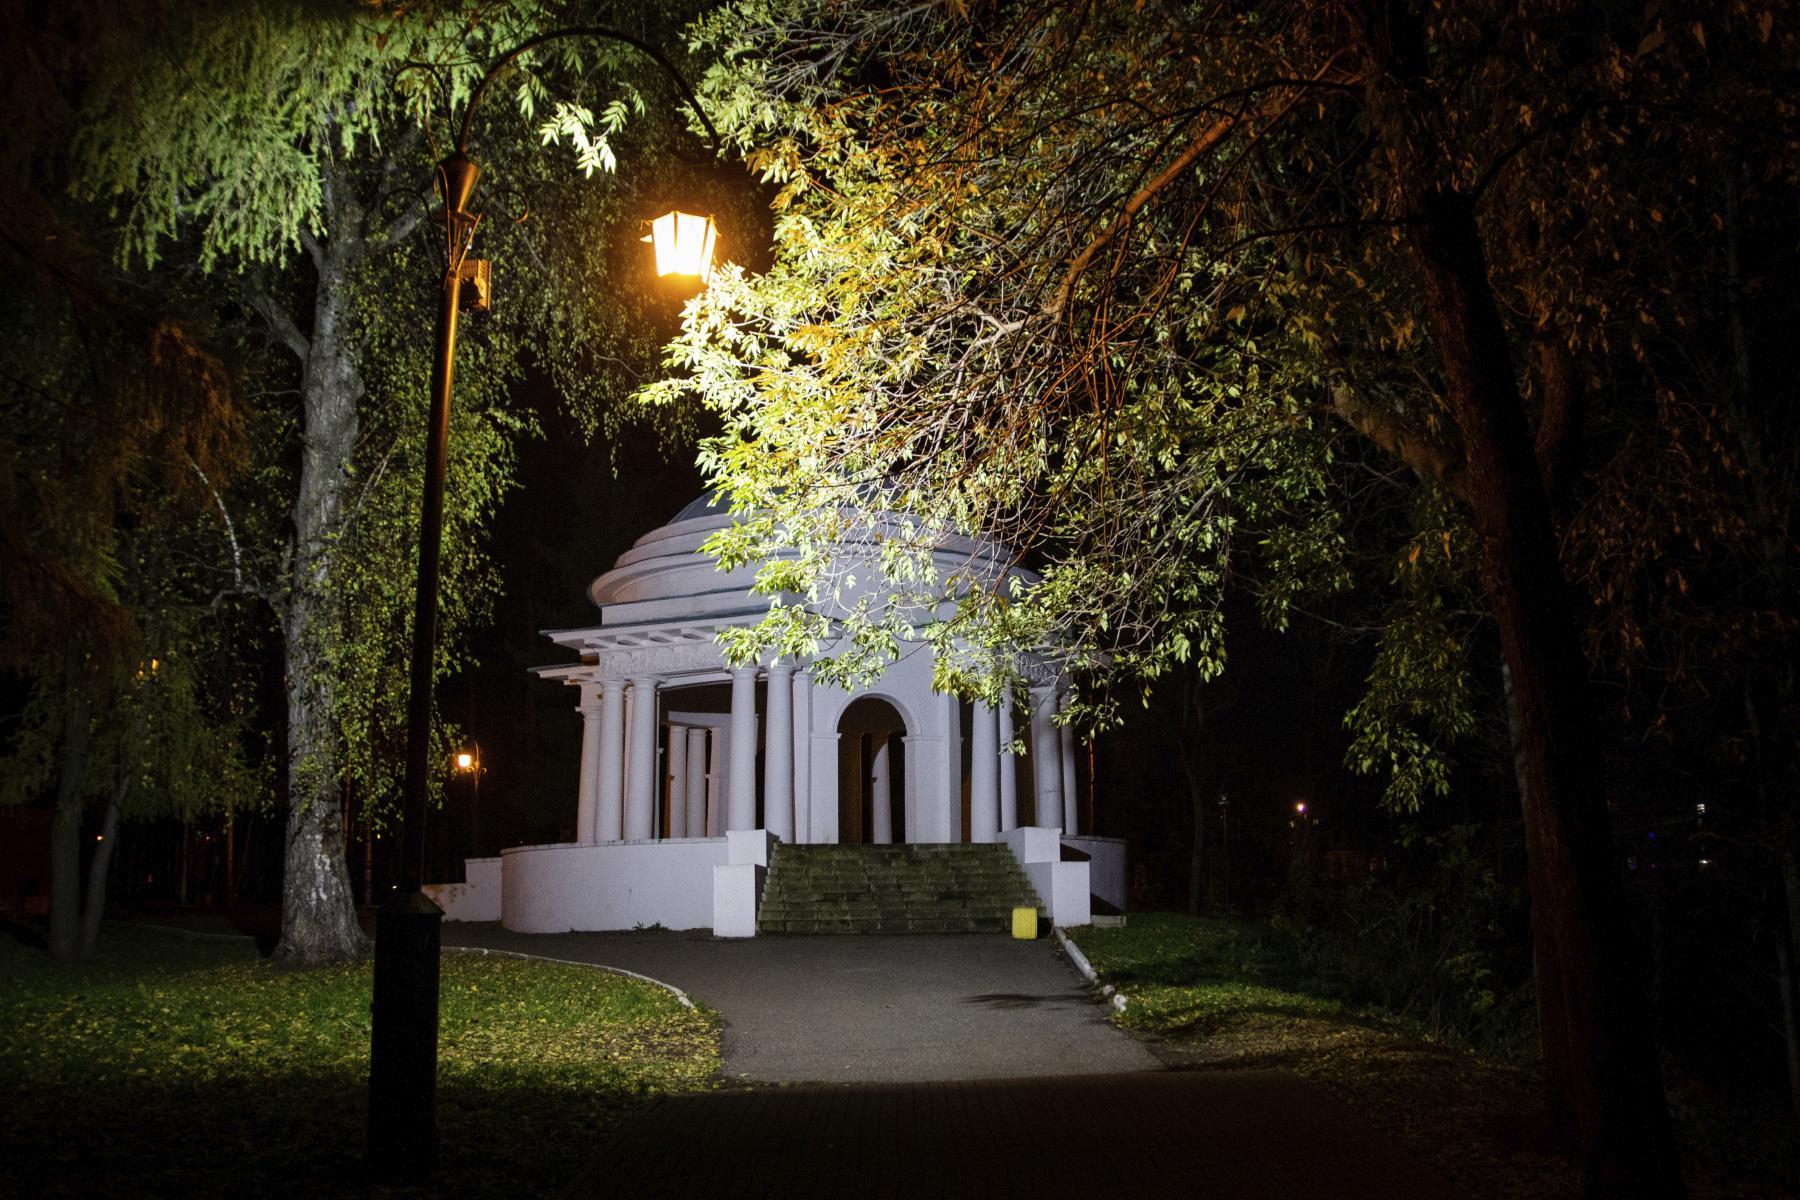 Ночь, улица, фонарь, ротонда…